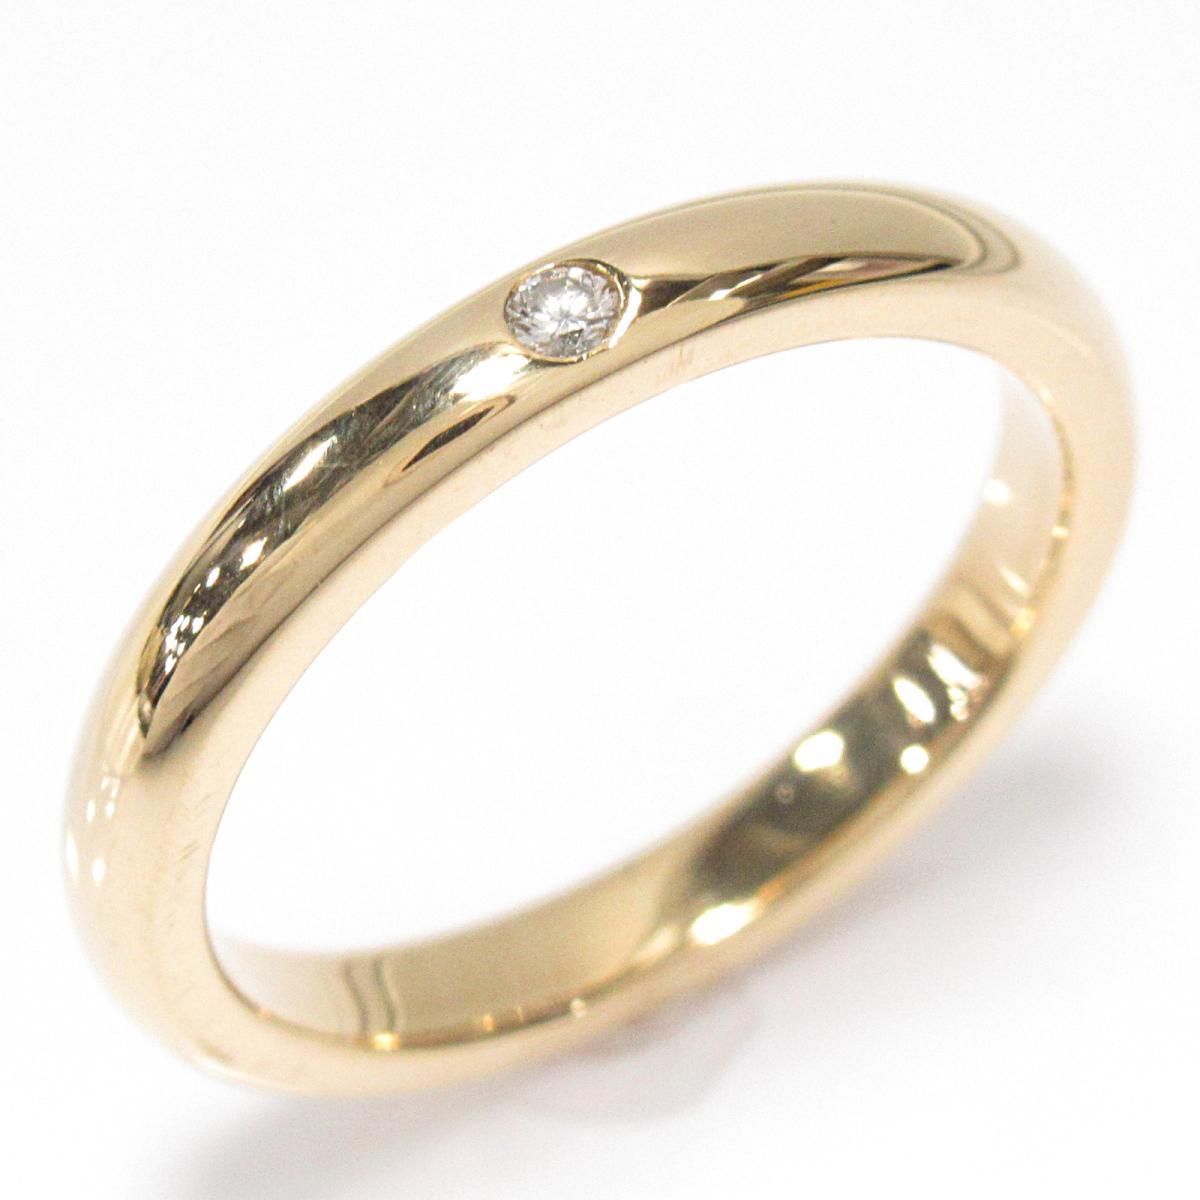 【中古】 ティファニー バンドリング 指輪 メンズ レディース K18YG (750) イエローゴールド x ダイヤモンド (1P)   TIFFANY&CO BRANDOFF ブランドオフ ブランド ジュエリー アクセサリー リング